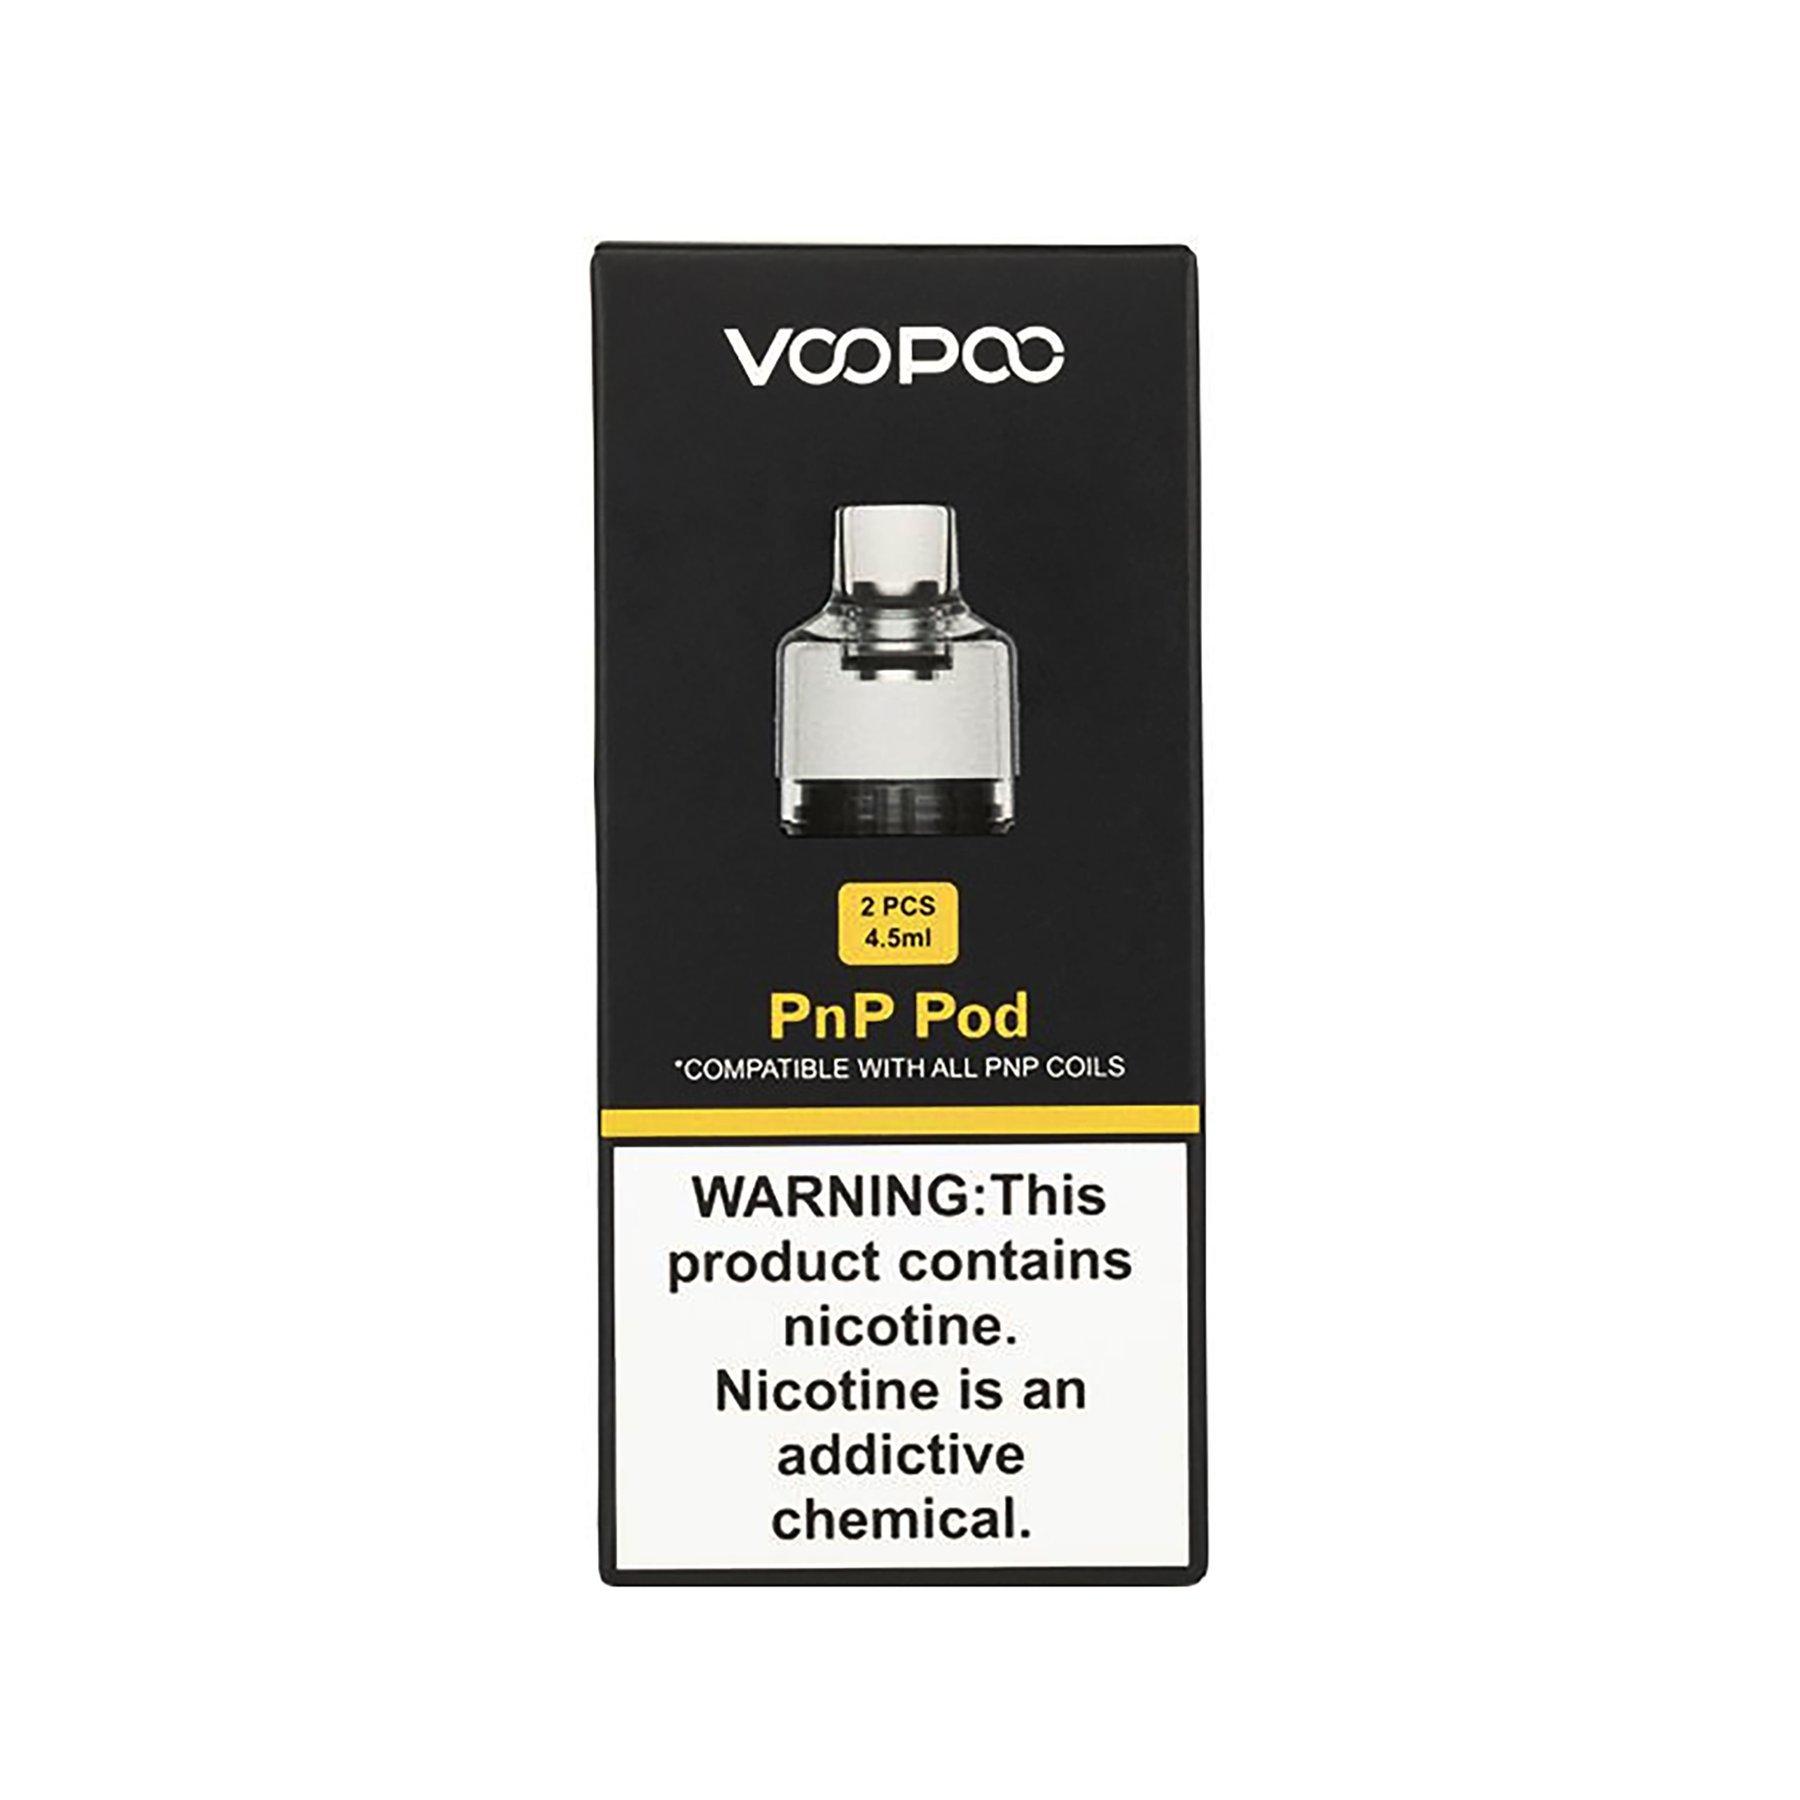 VOOPOO-PnP-ReplacementPods_1800x1800.jpg